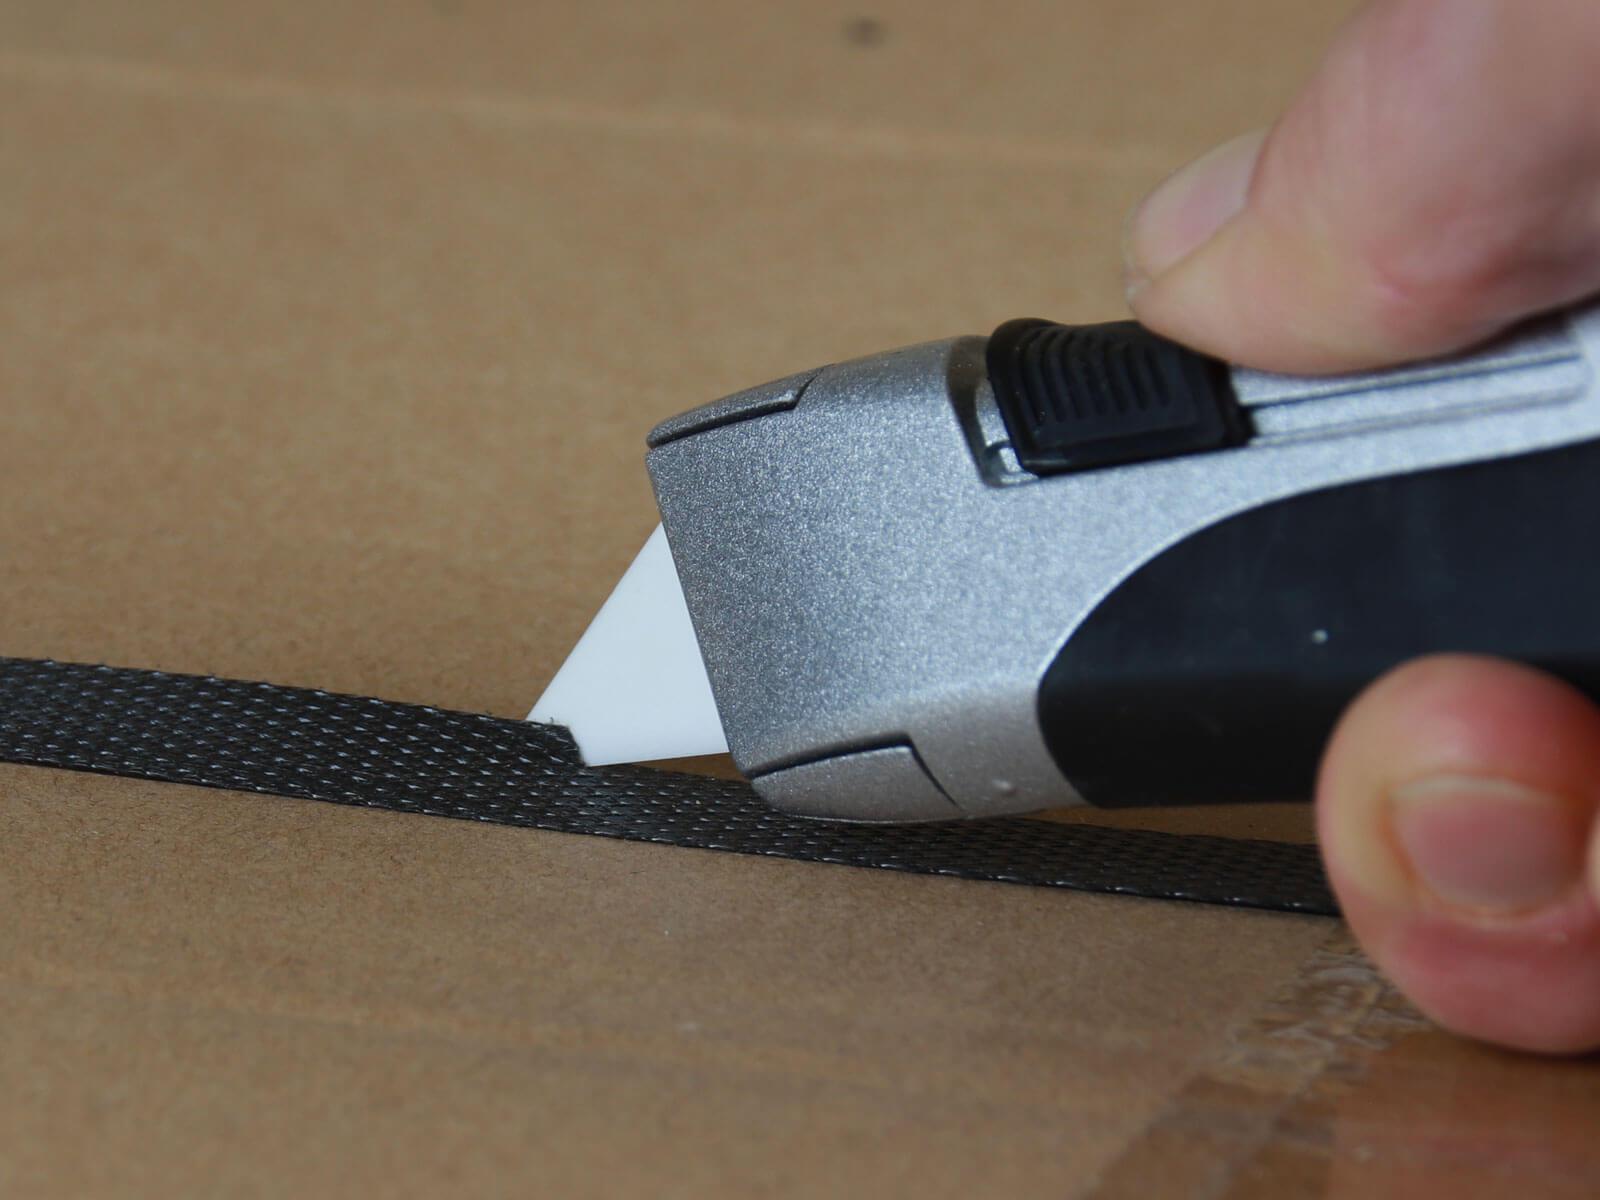 U004K Keramik Sicherheitsmesser vollautomatischer Klingenrückzug Umreifungsband schneiden CURT-tools